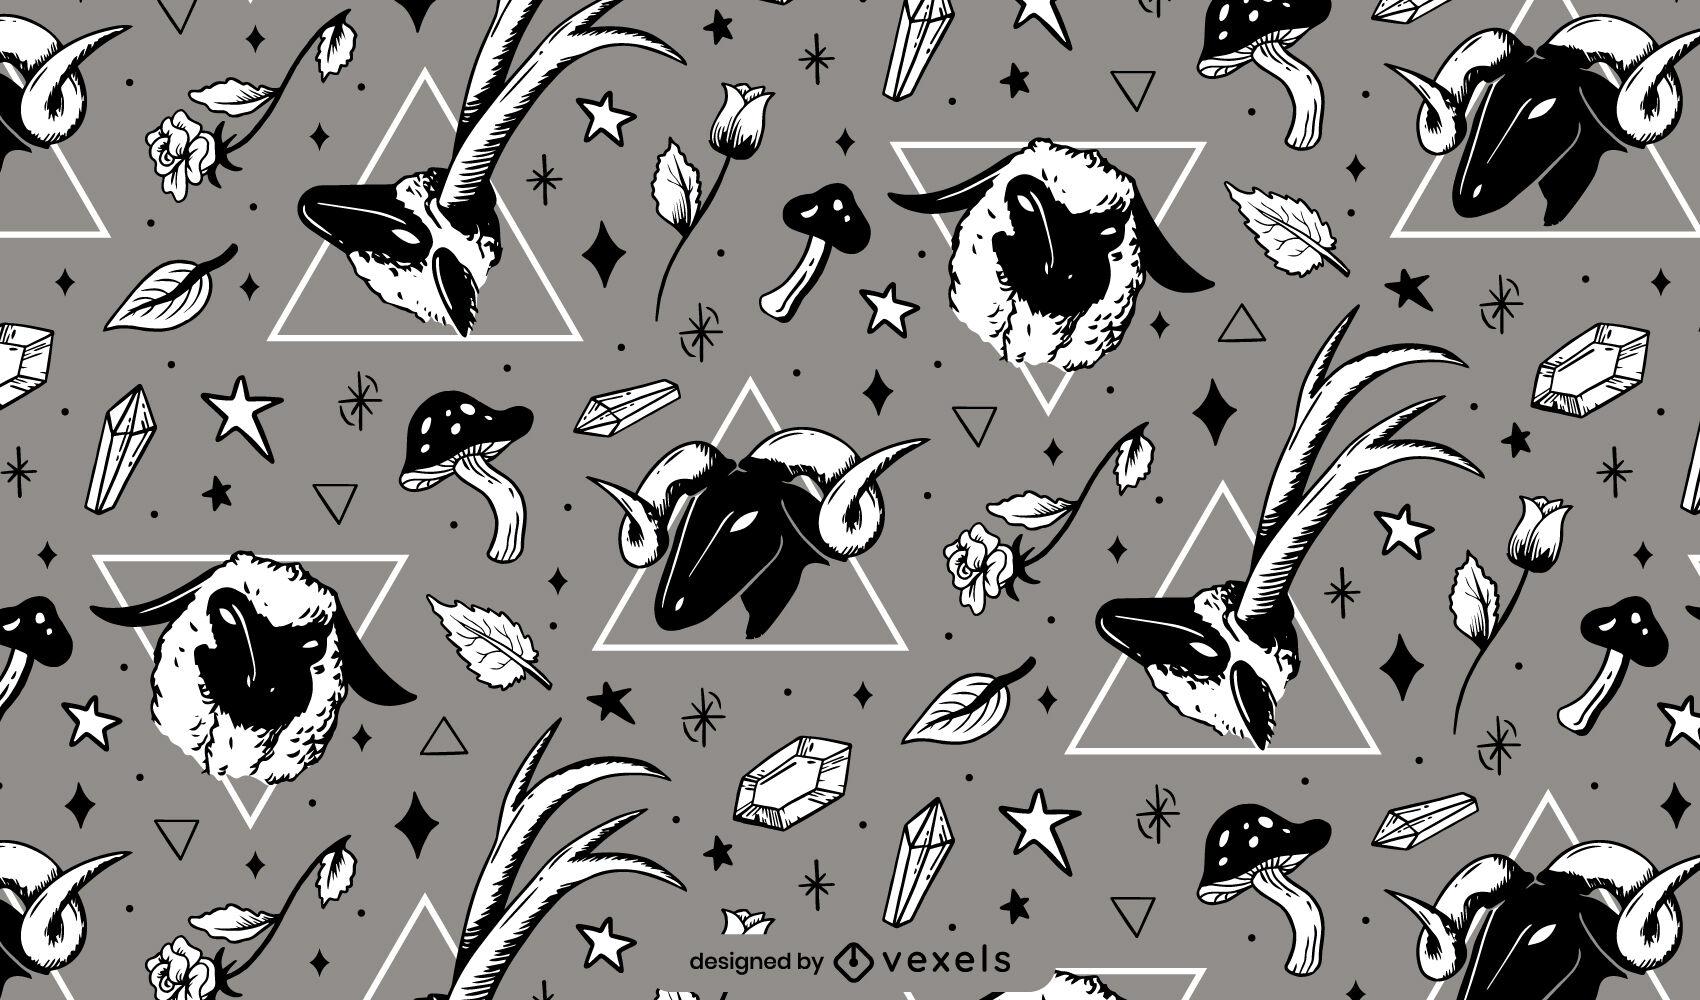 Diseño de patrón mágico animal de oveja